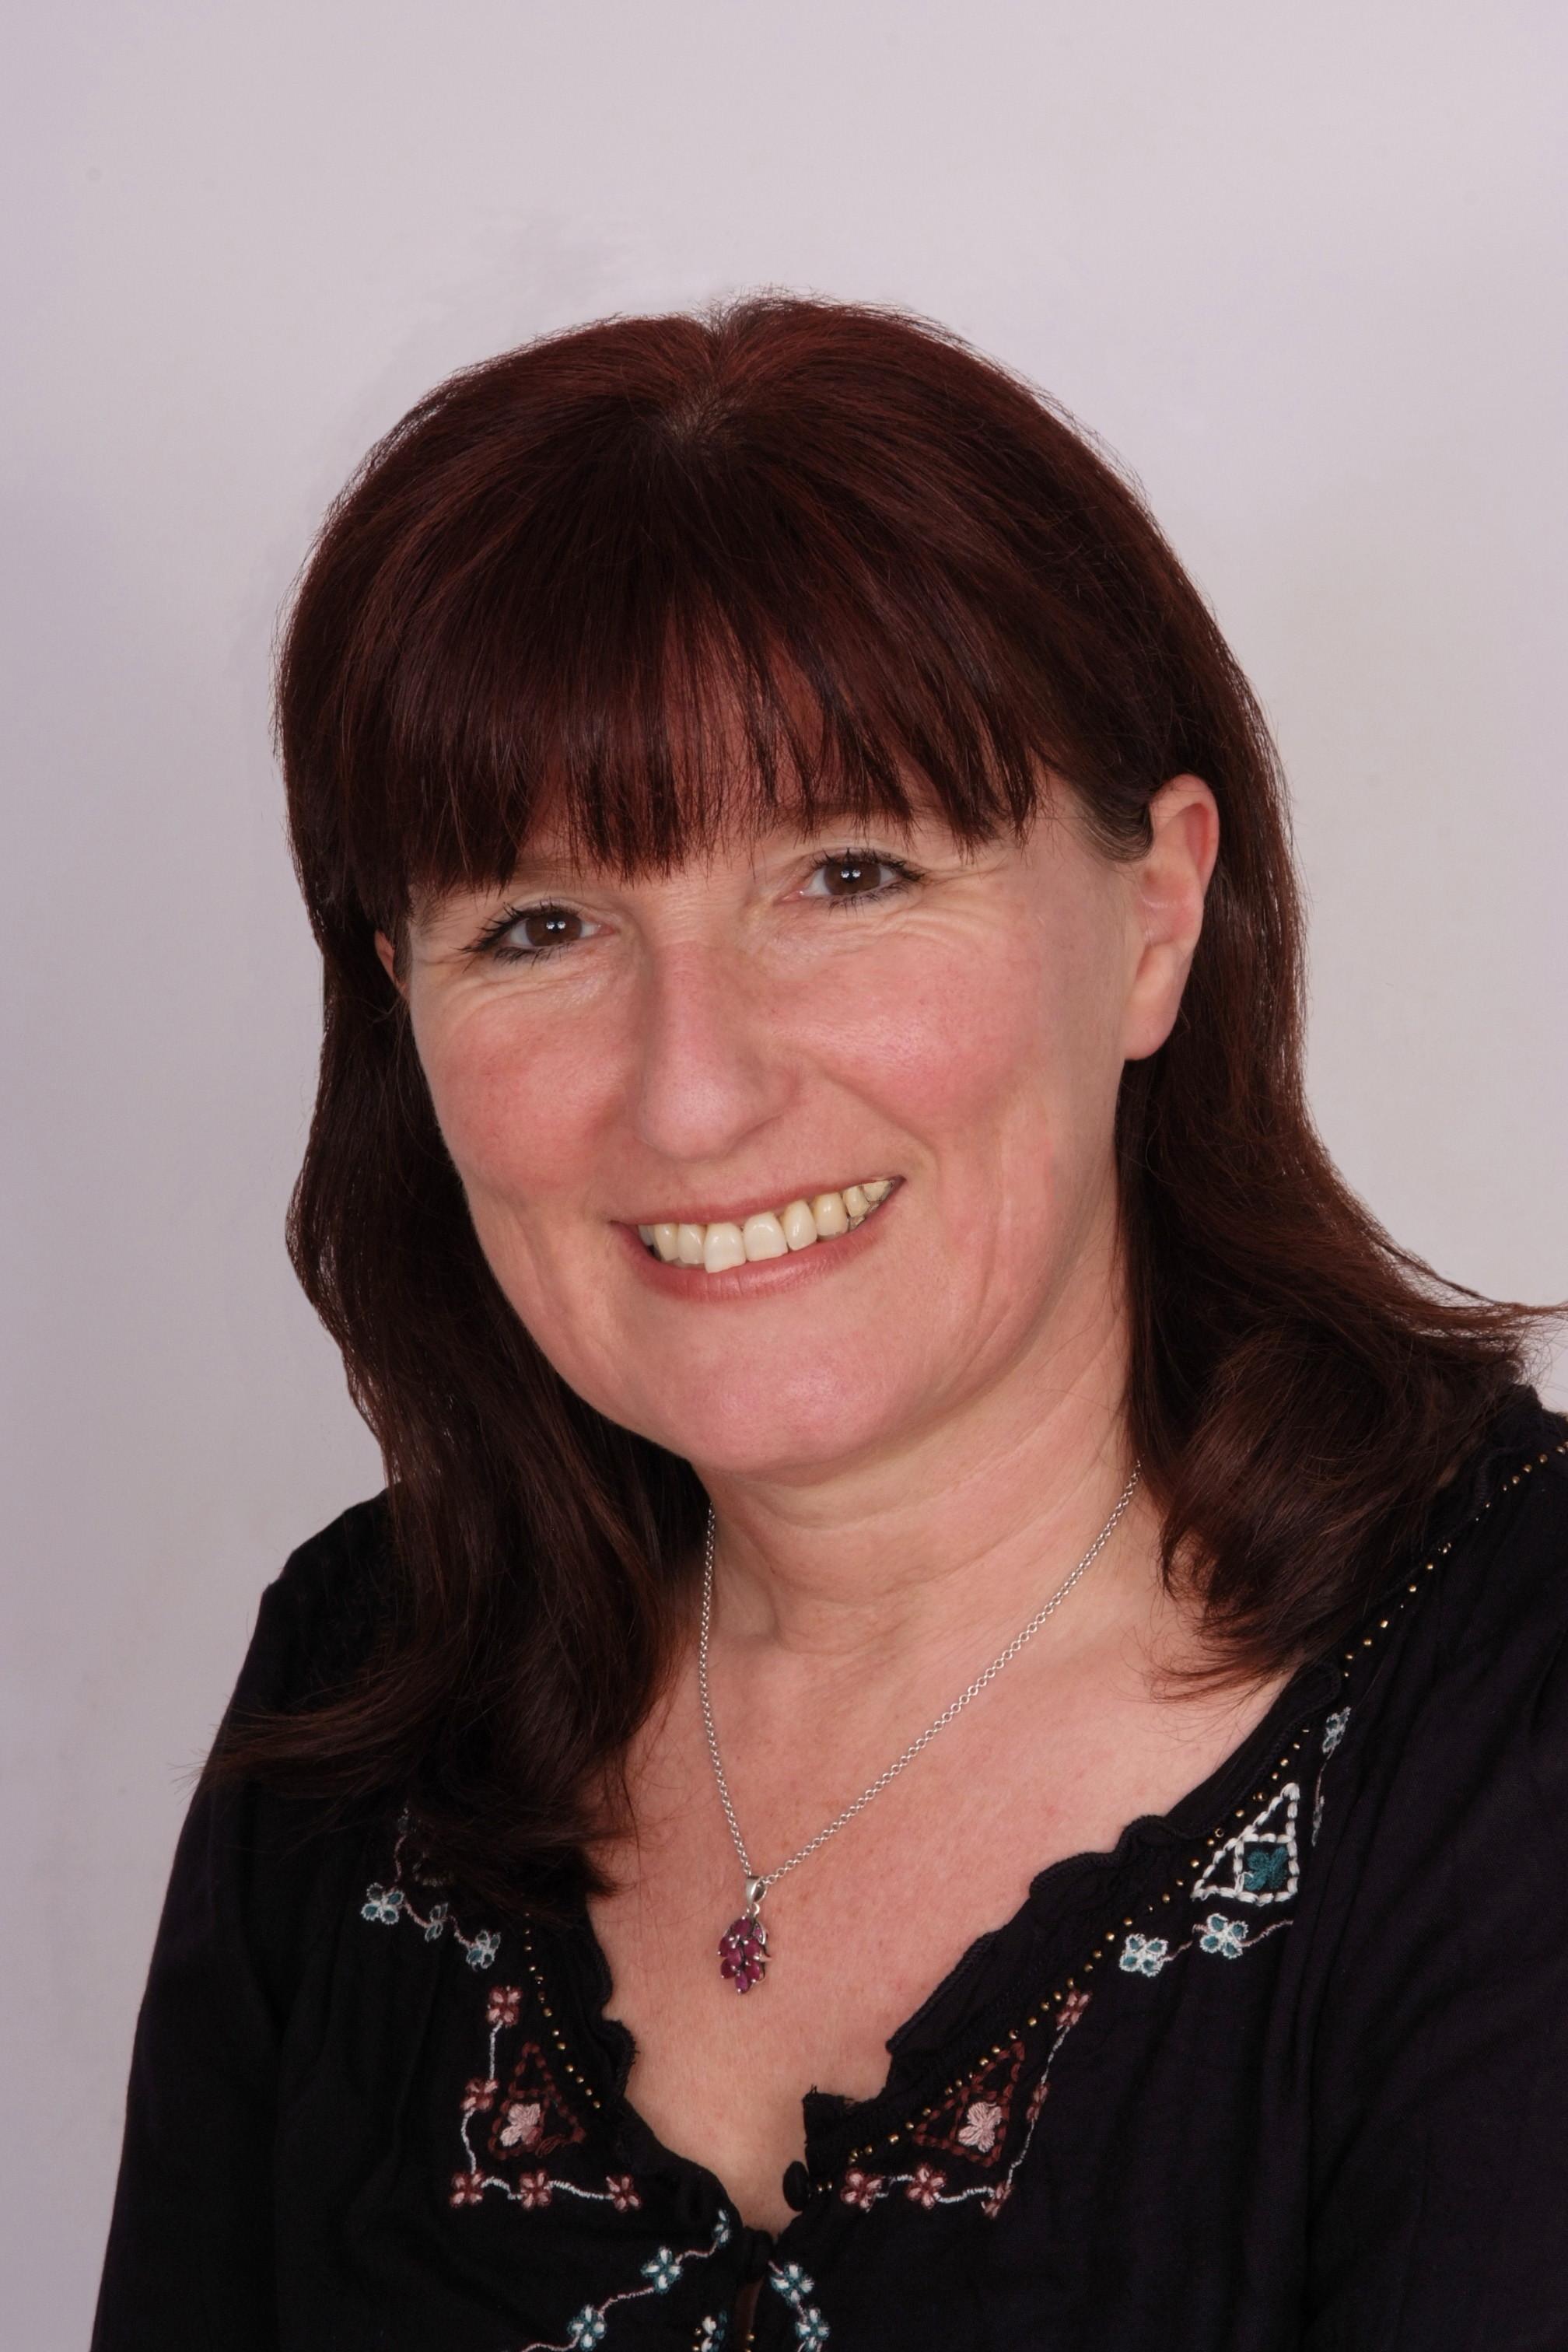 Margaret (Mags) Sheehan